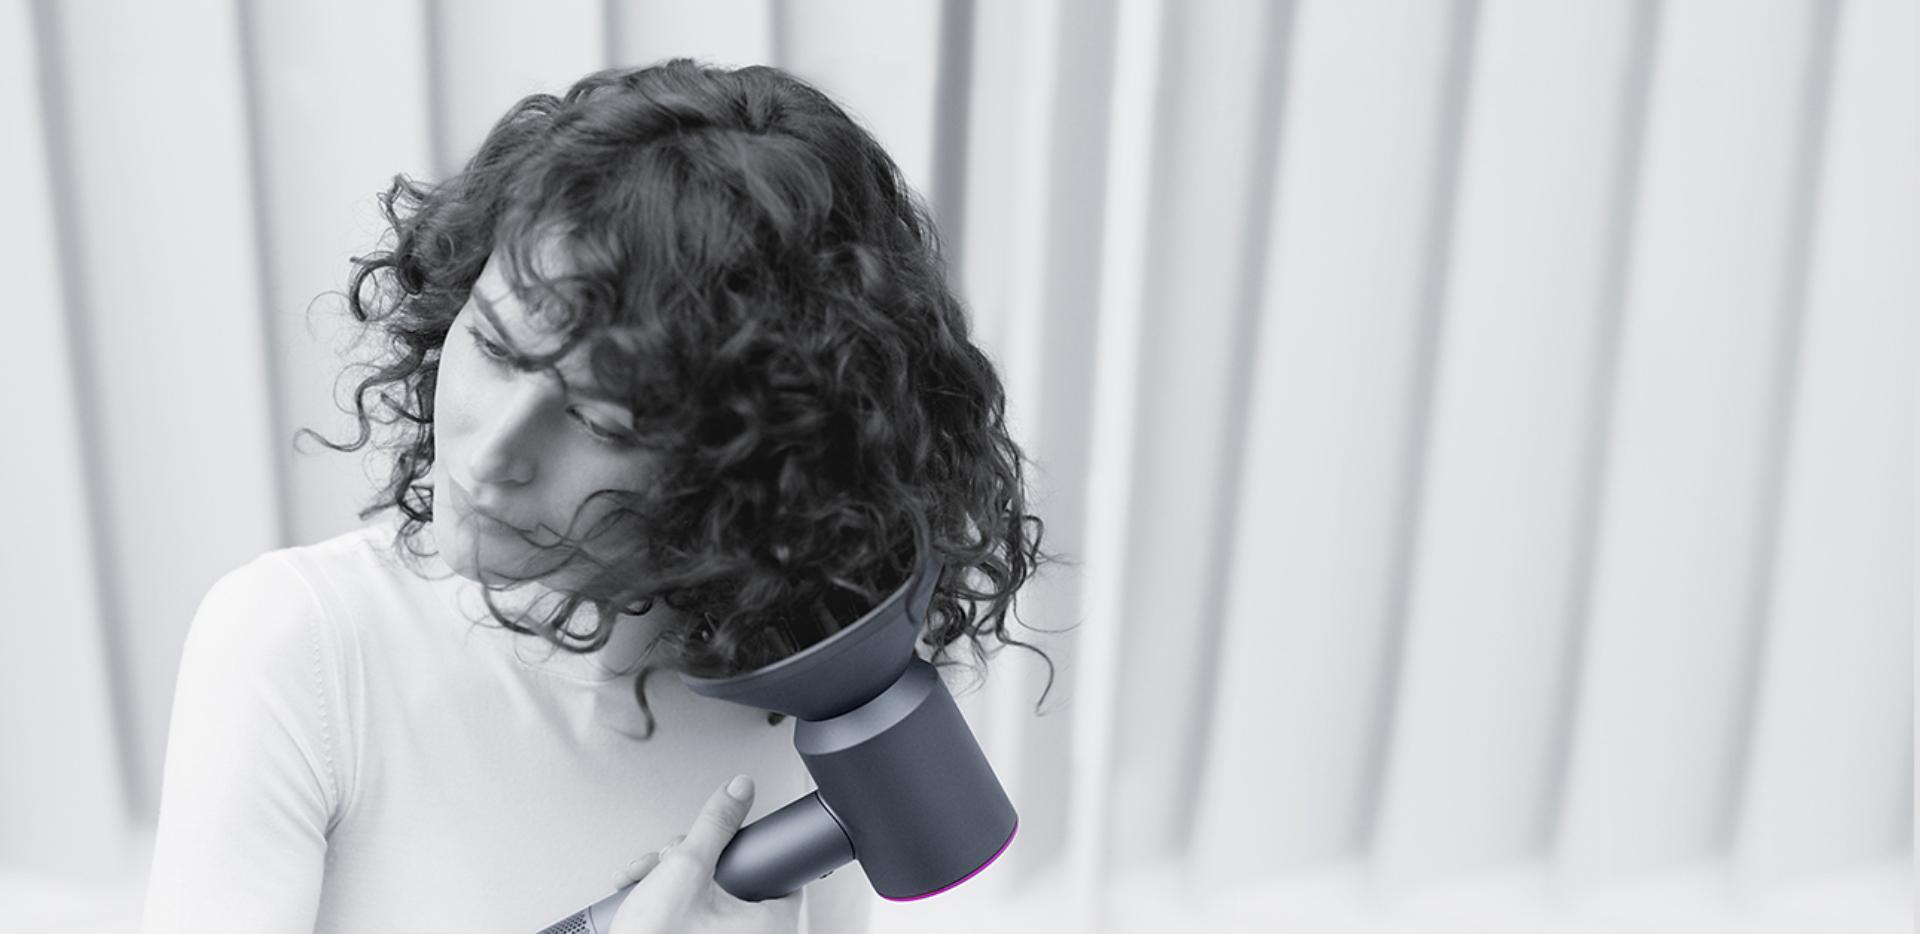 سيدة تُجفّف شعرها باستخدام مجفف الشعر Dyson supersonic